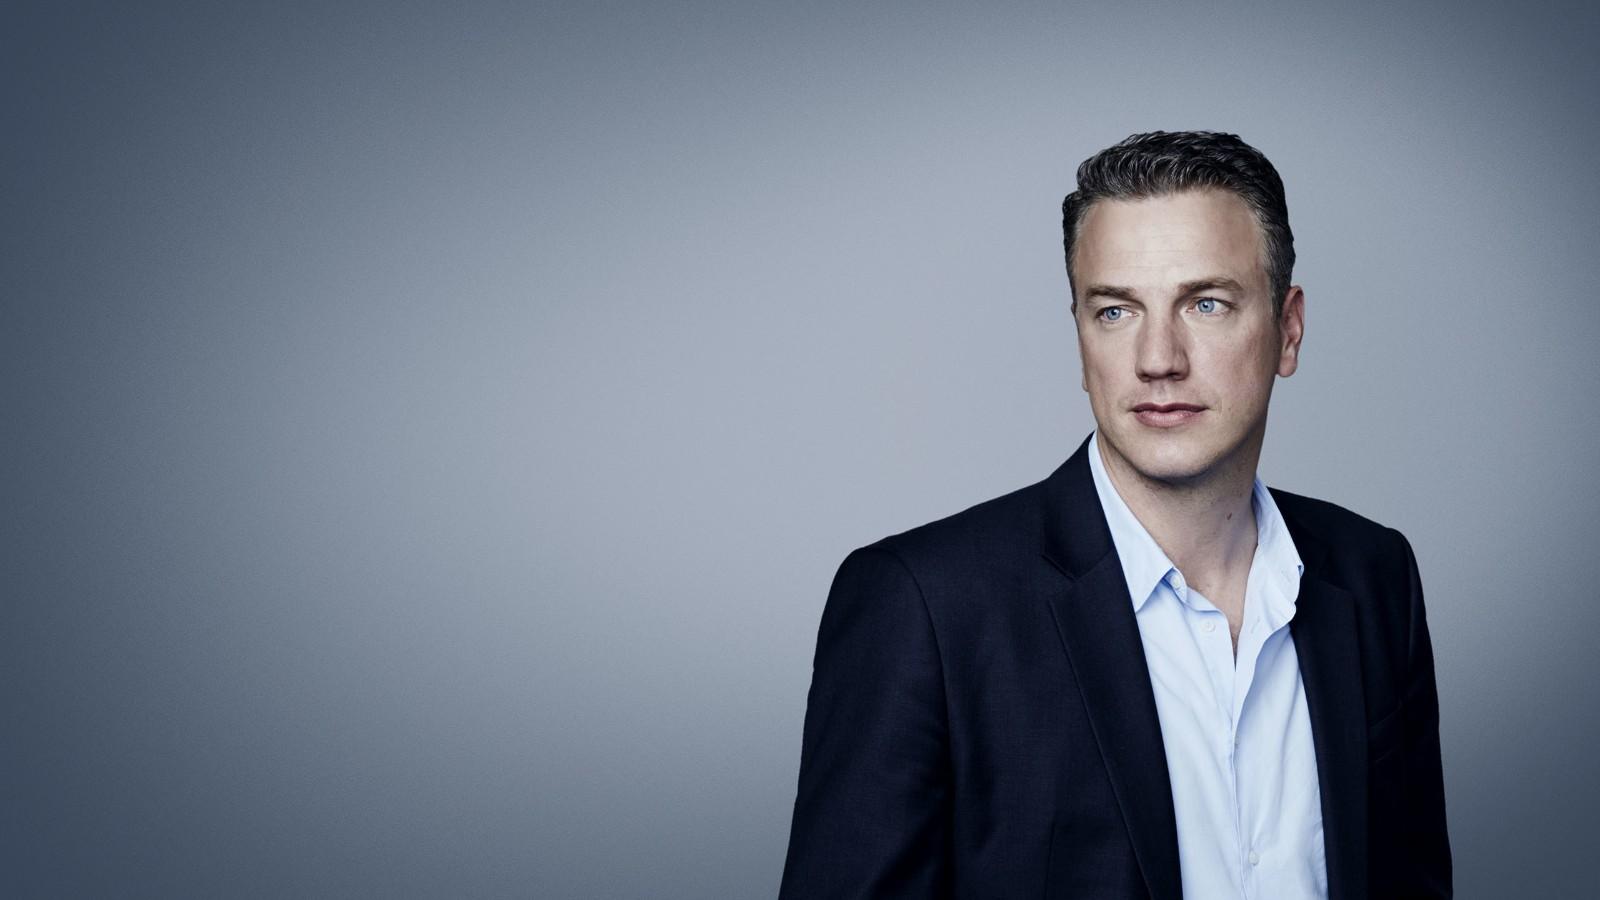 CNN Profiles - David McKenzie - International Correspondent